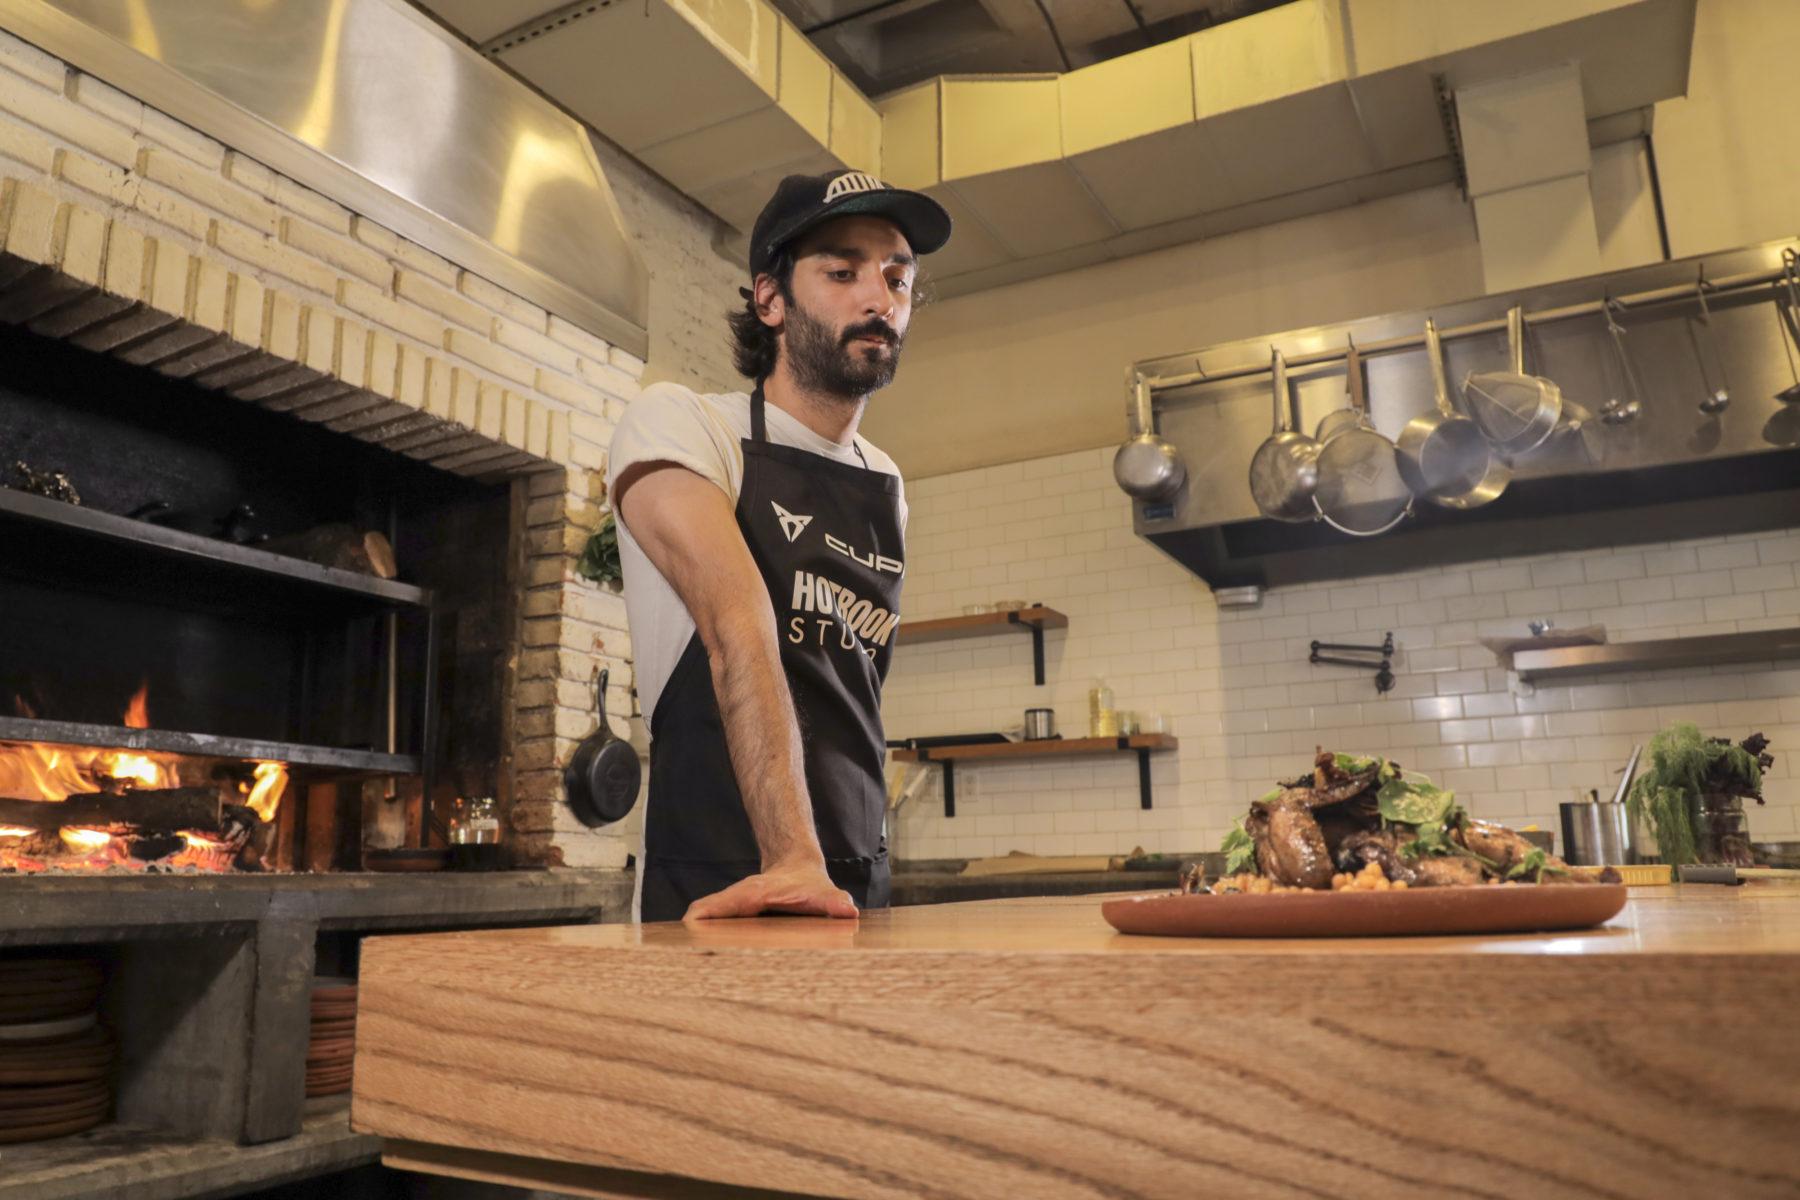 De la mano de HOTBOOK Studio, CUPRA te invita a vivir una experiencia estimulante de alta cocina y arte